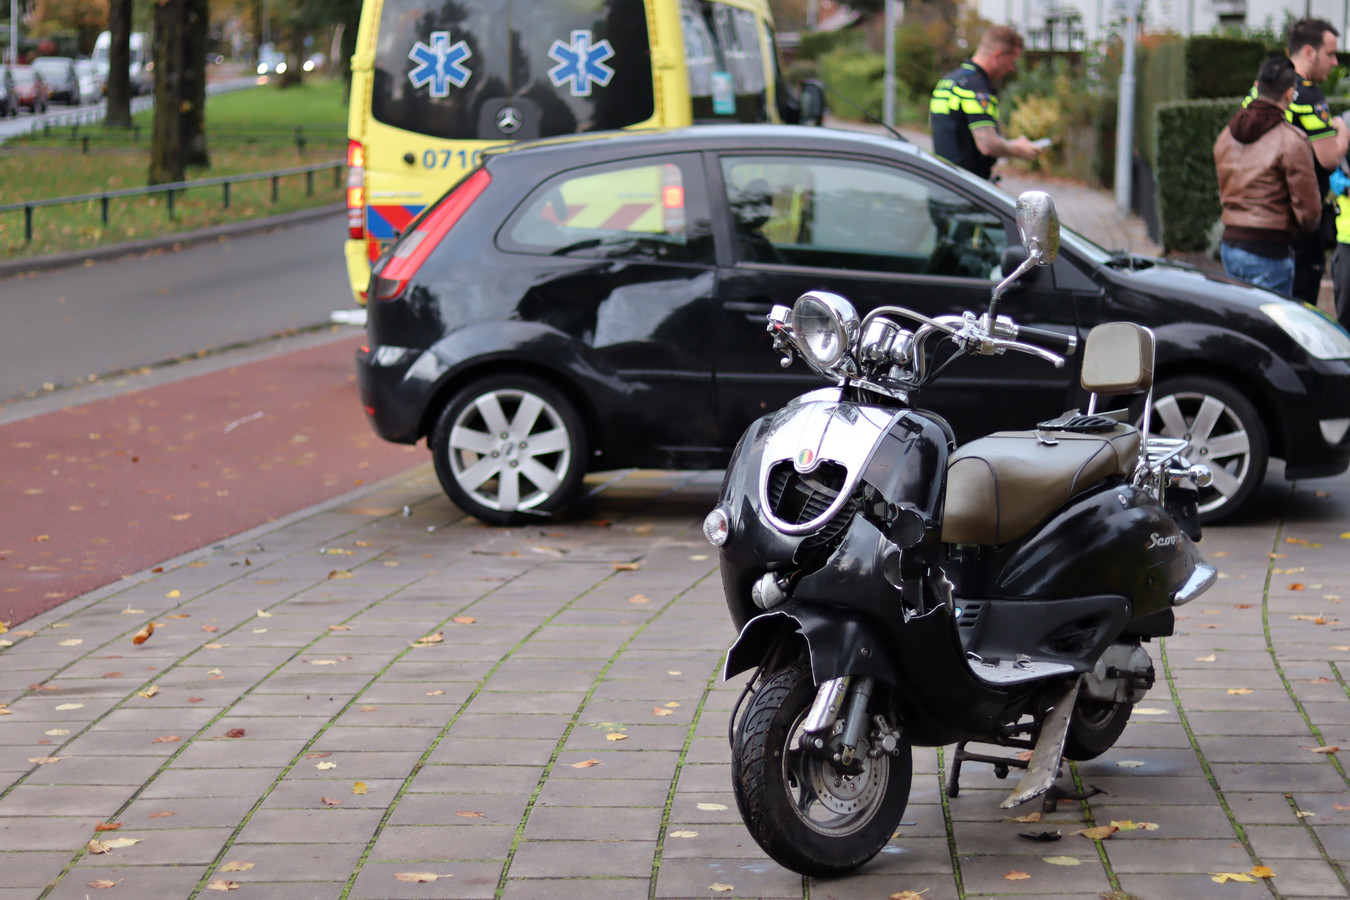 Zowel de auto als de scooter liepen flinke schade op.